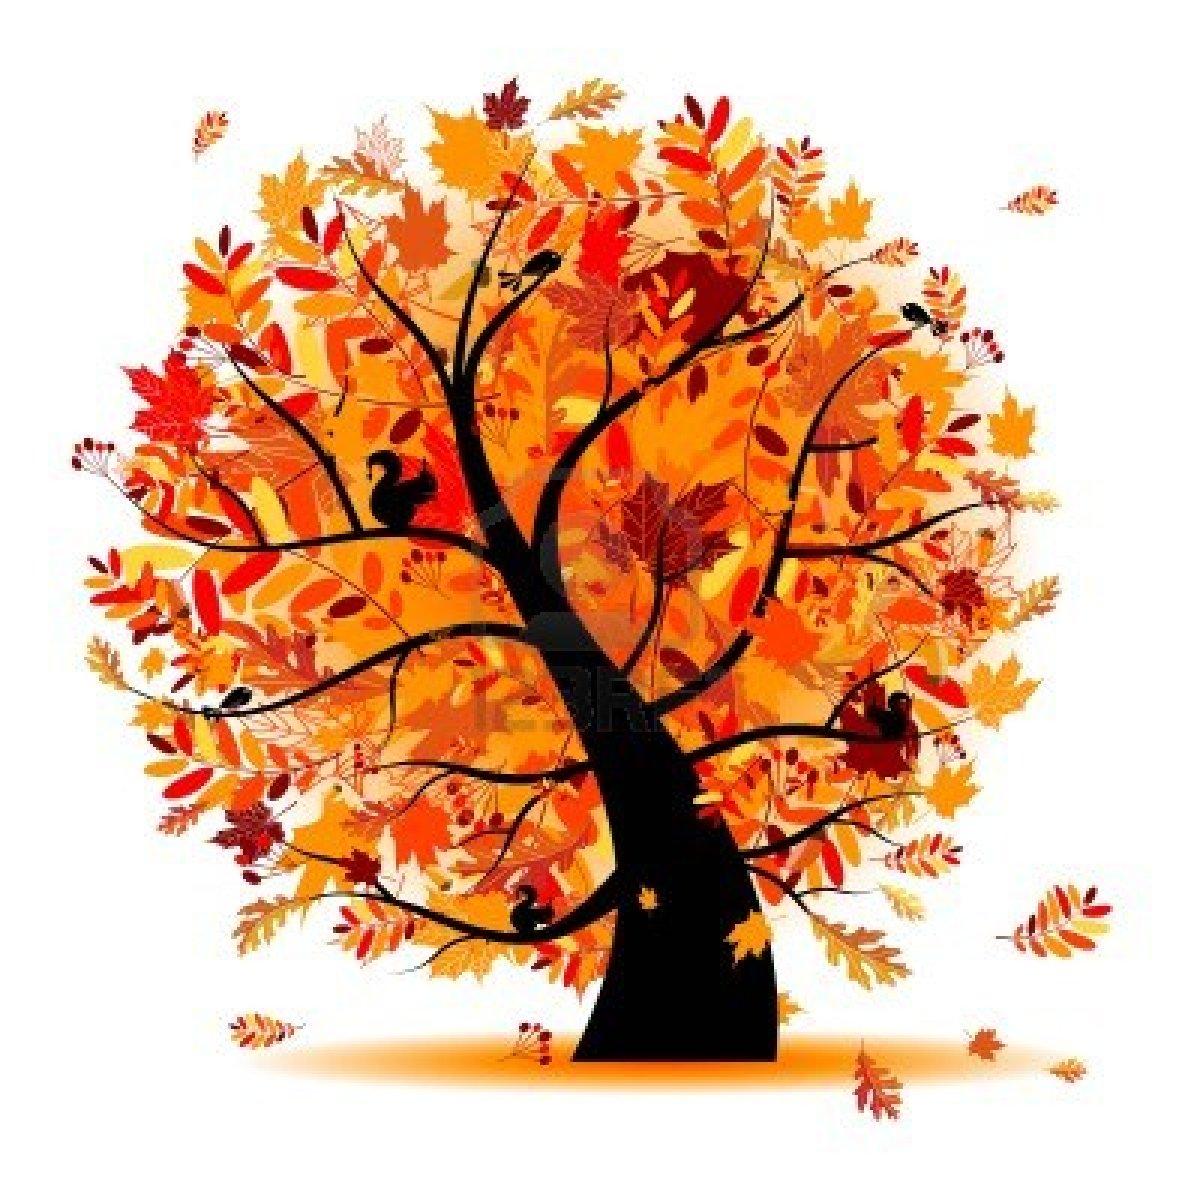 Tree clipart autum #11